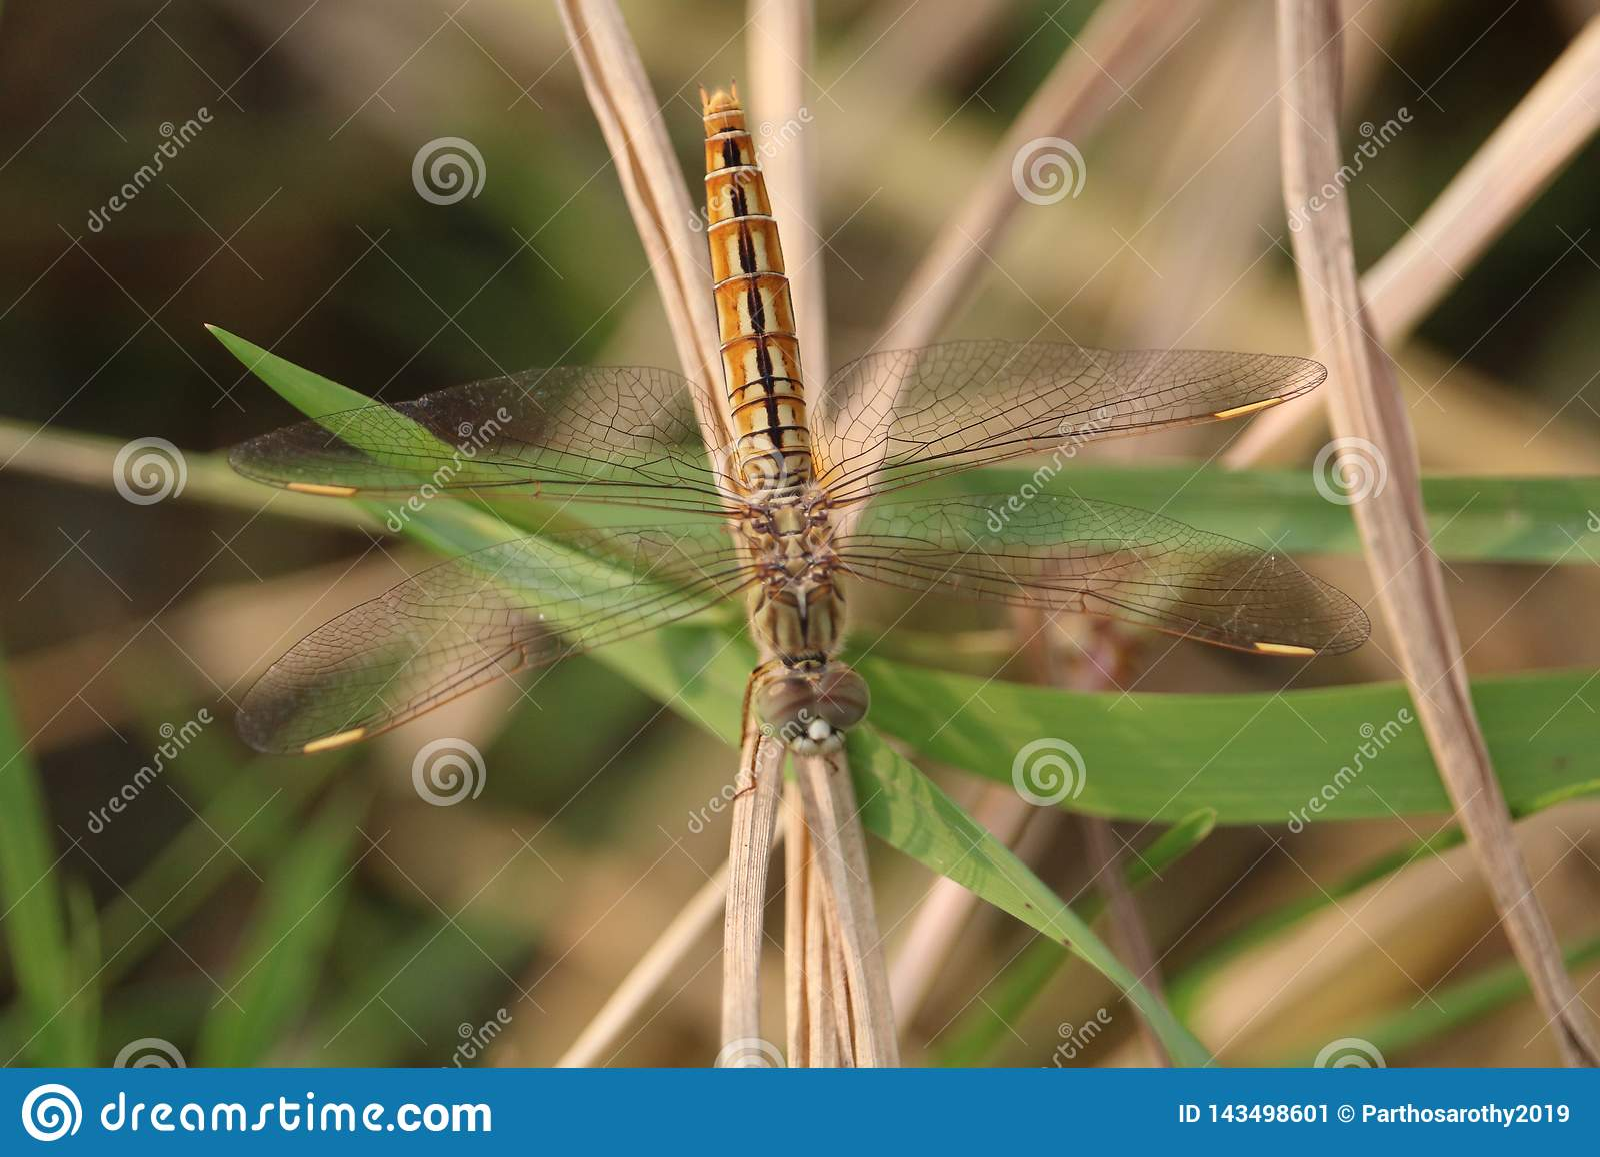 Un papillon sur la feuille de l herbe